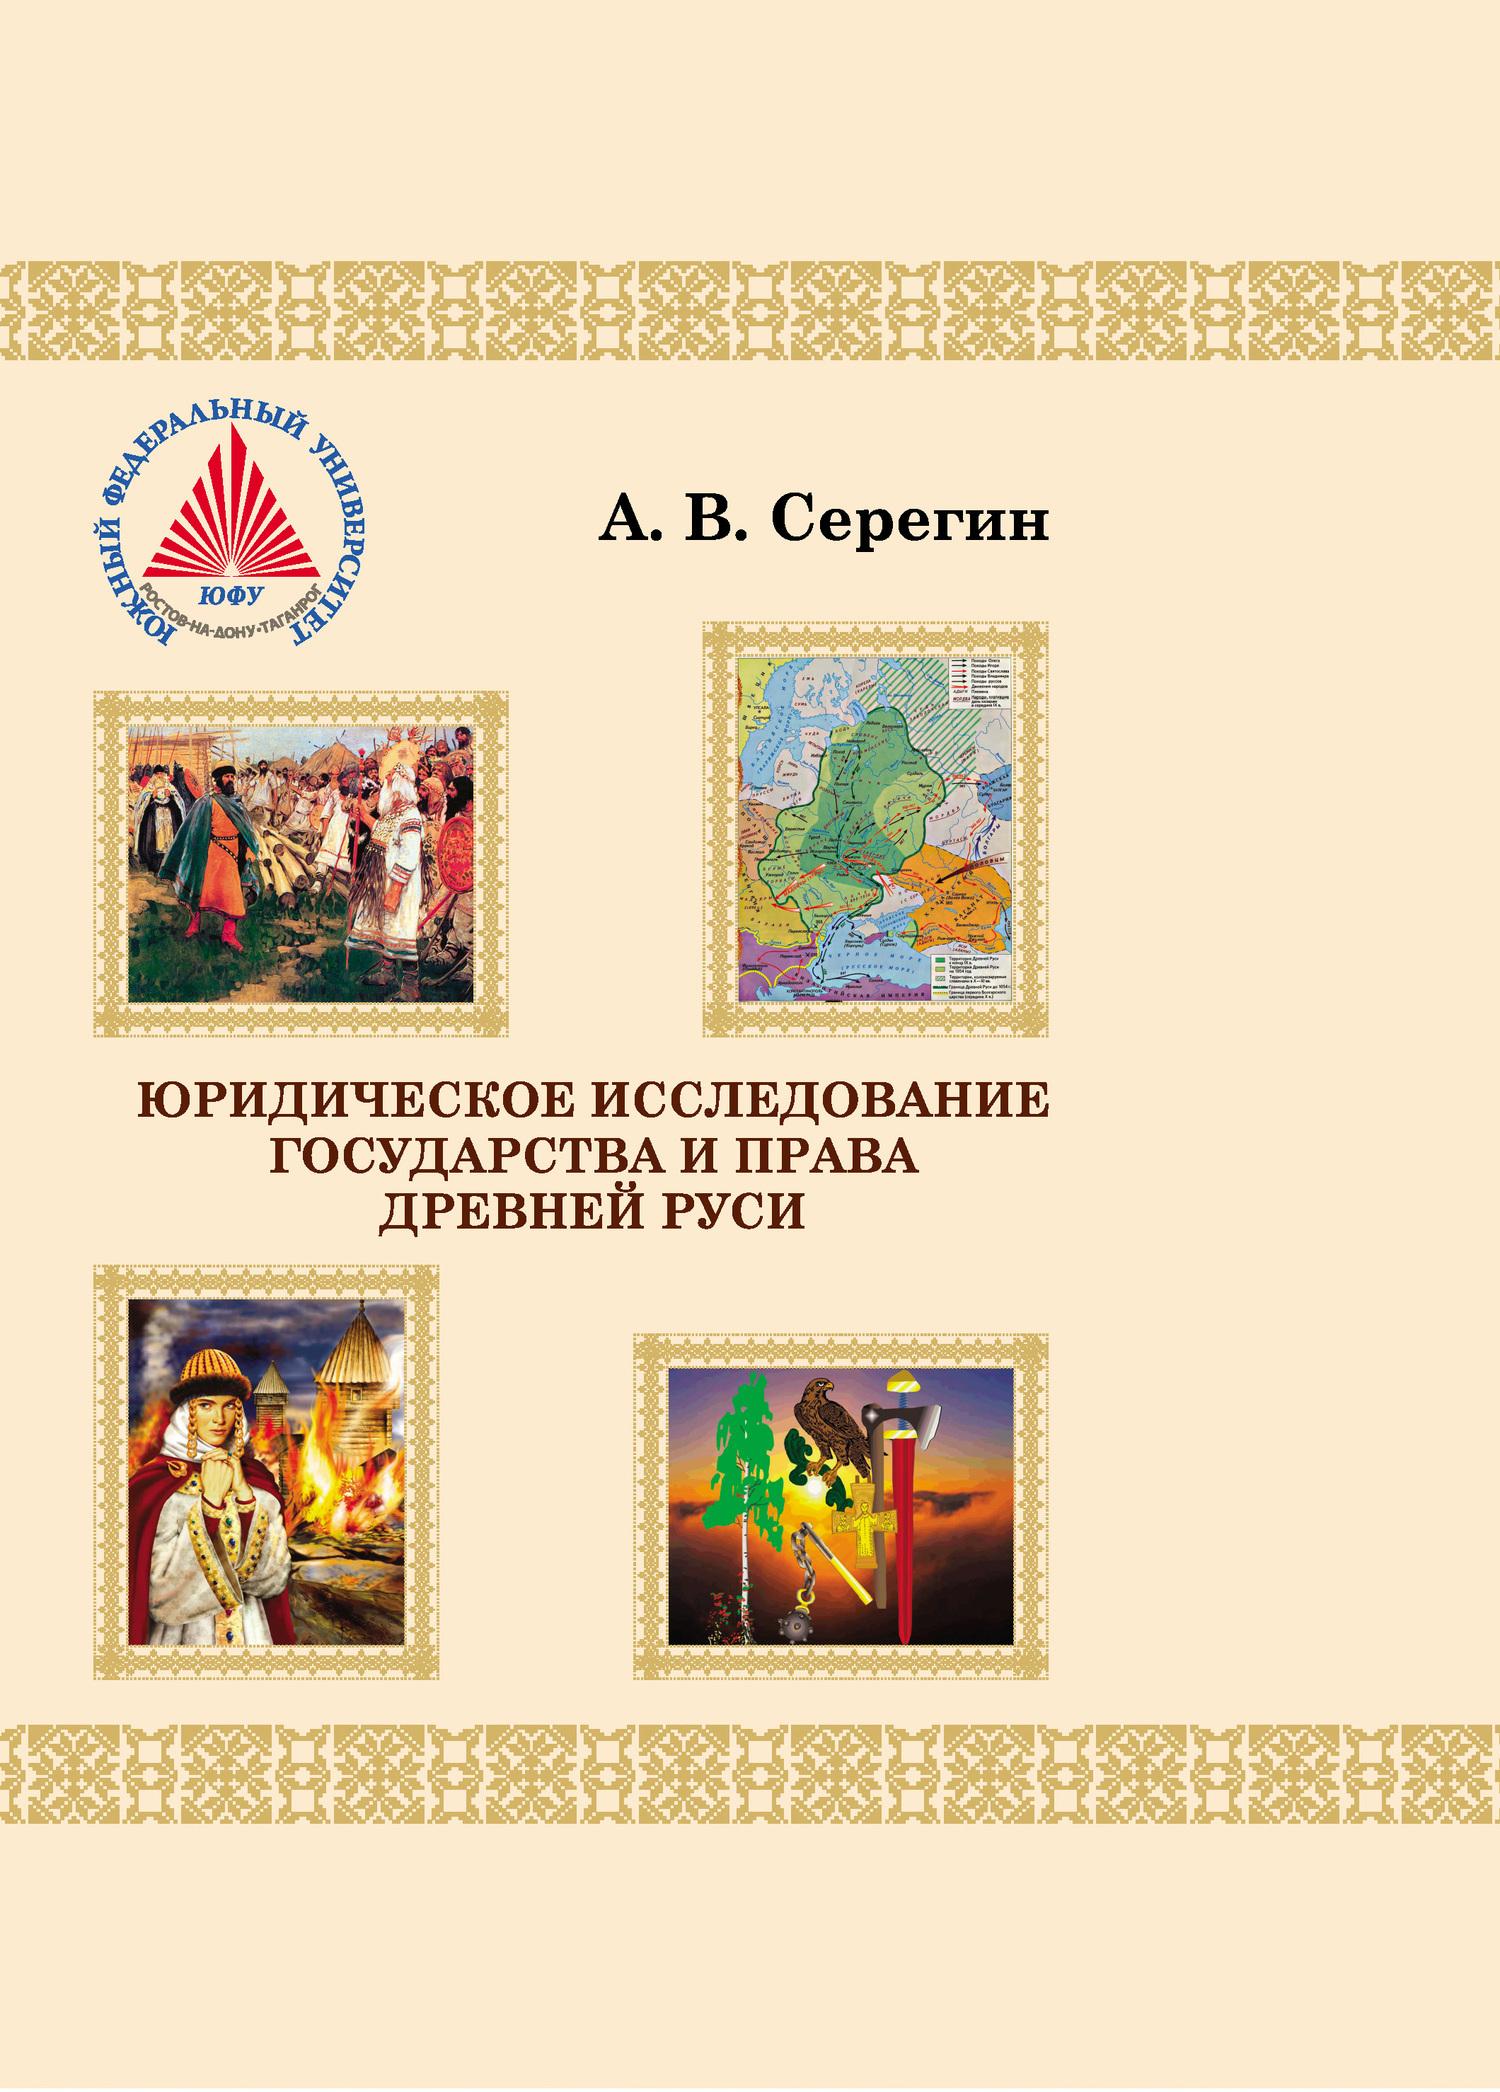 А. Серегин - Юридическое исследование государства и права Древней Руси